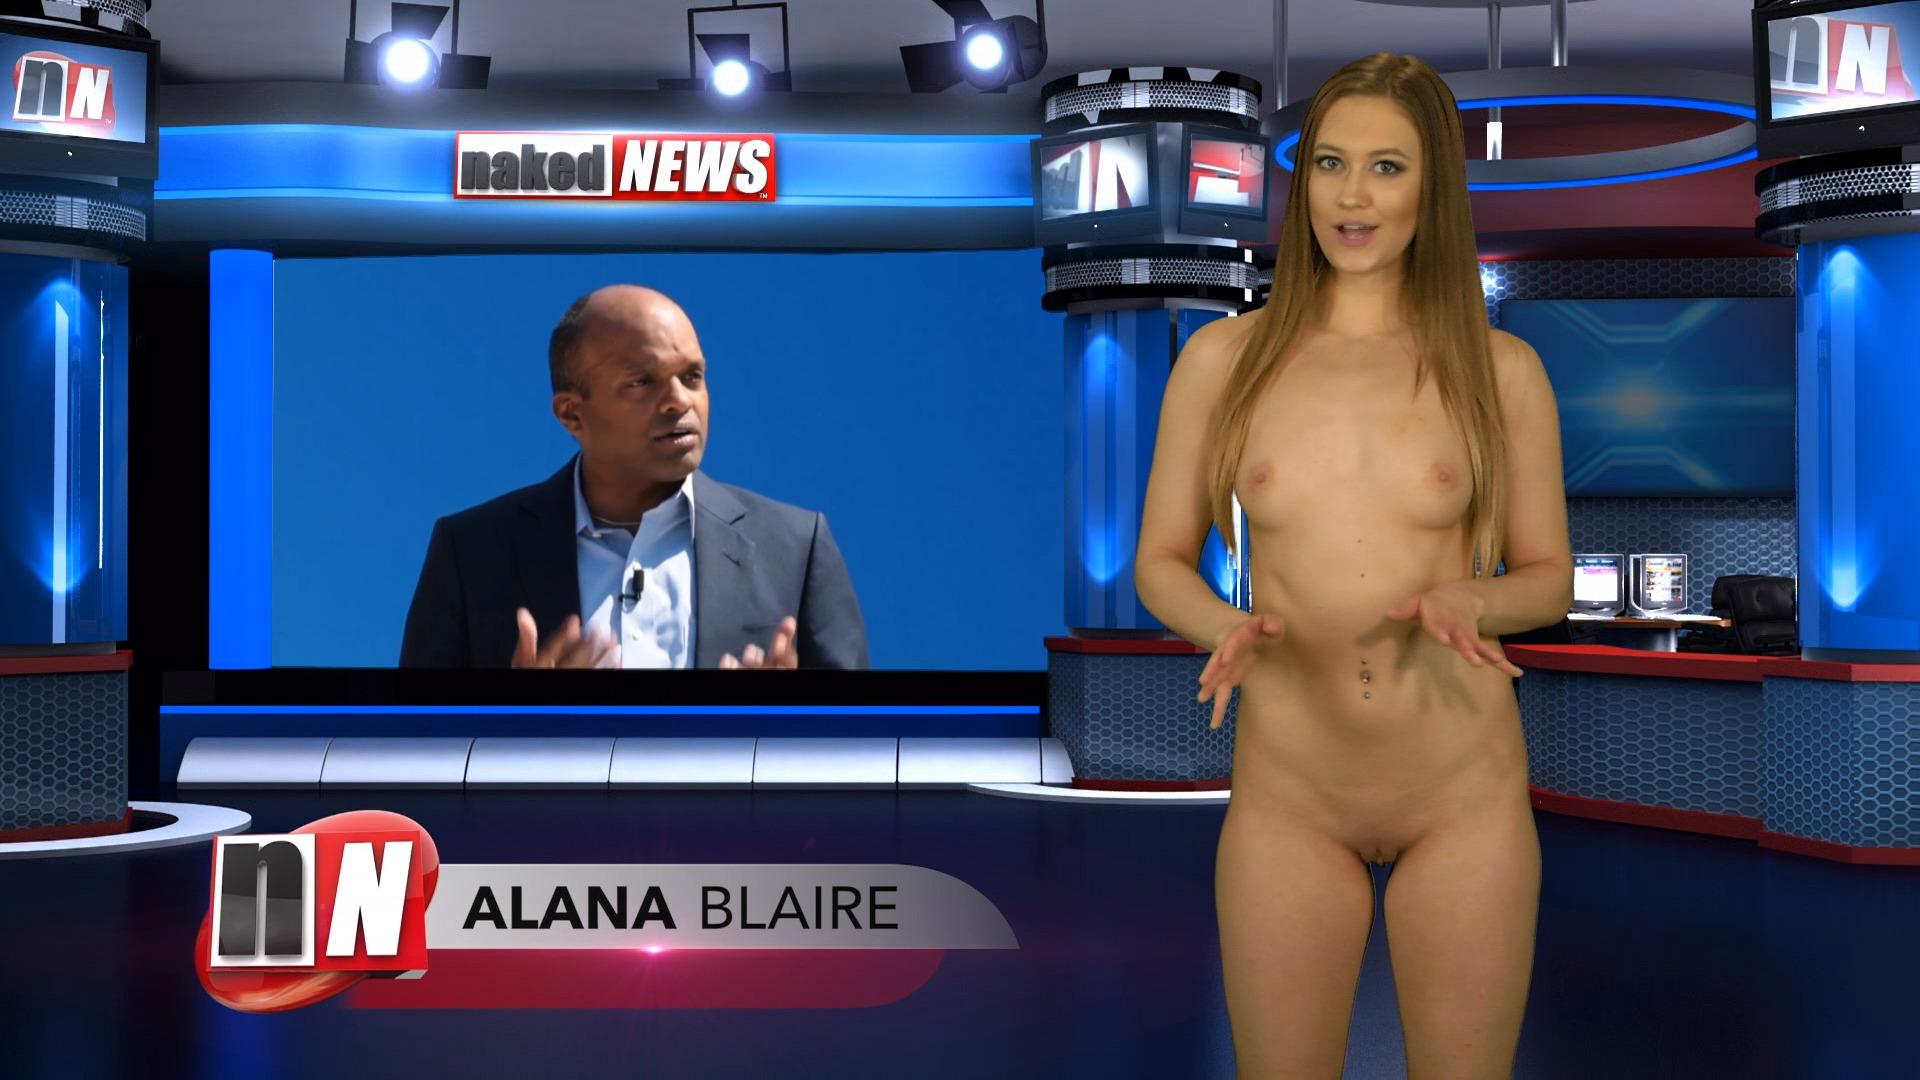 видео кастинг для голых новостей женщину совсем